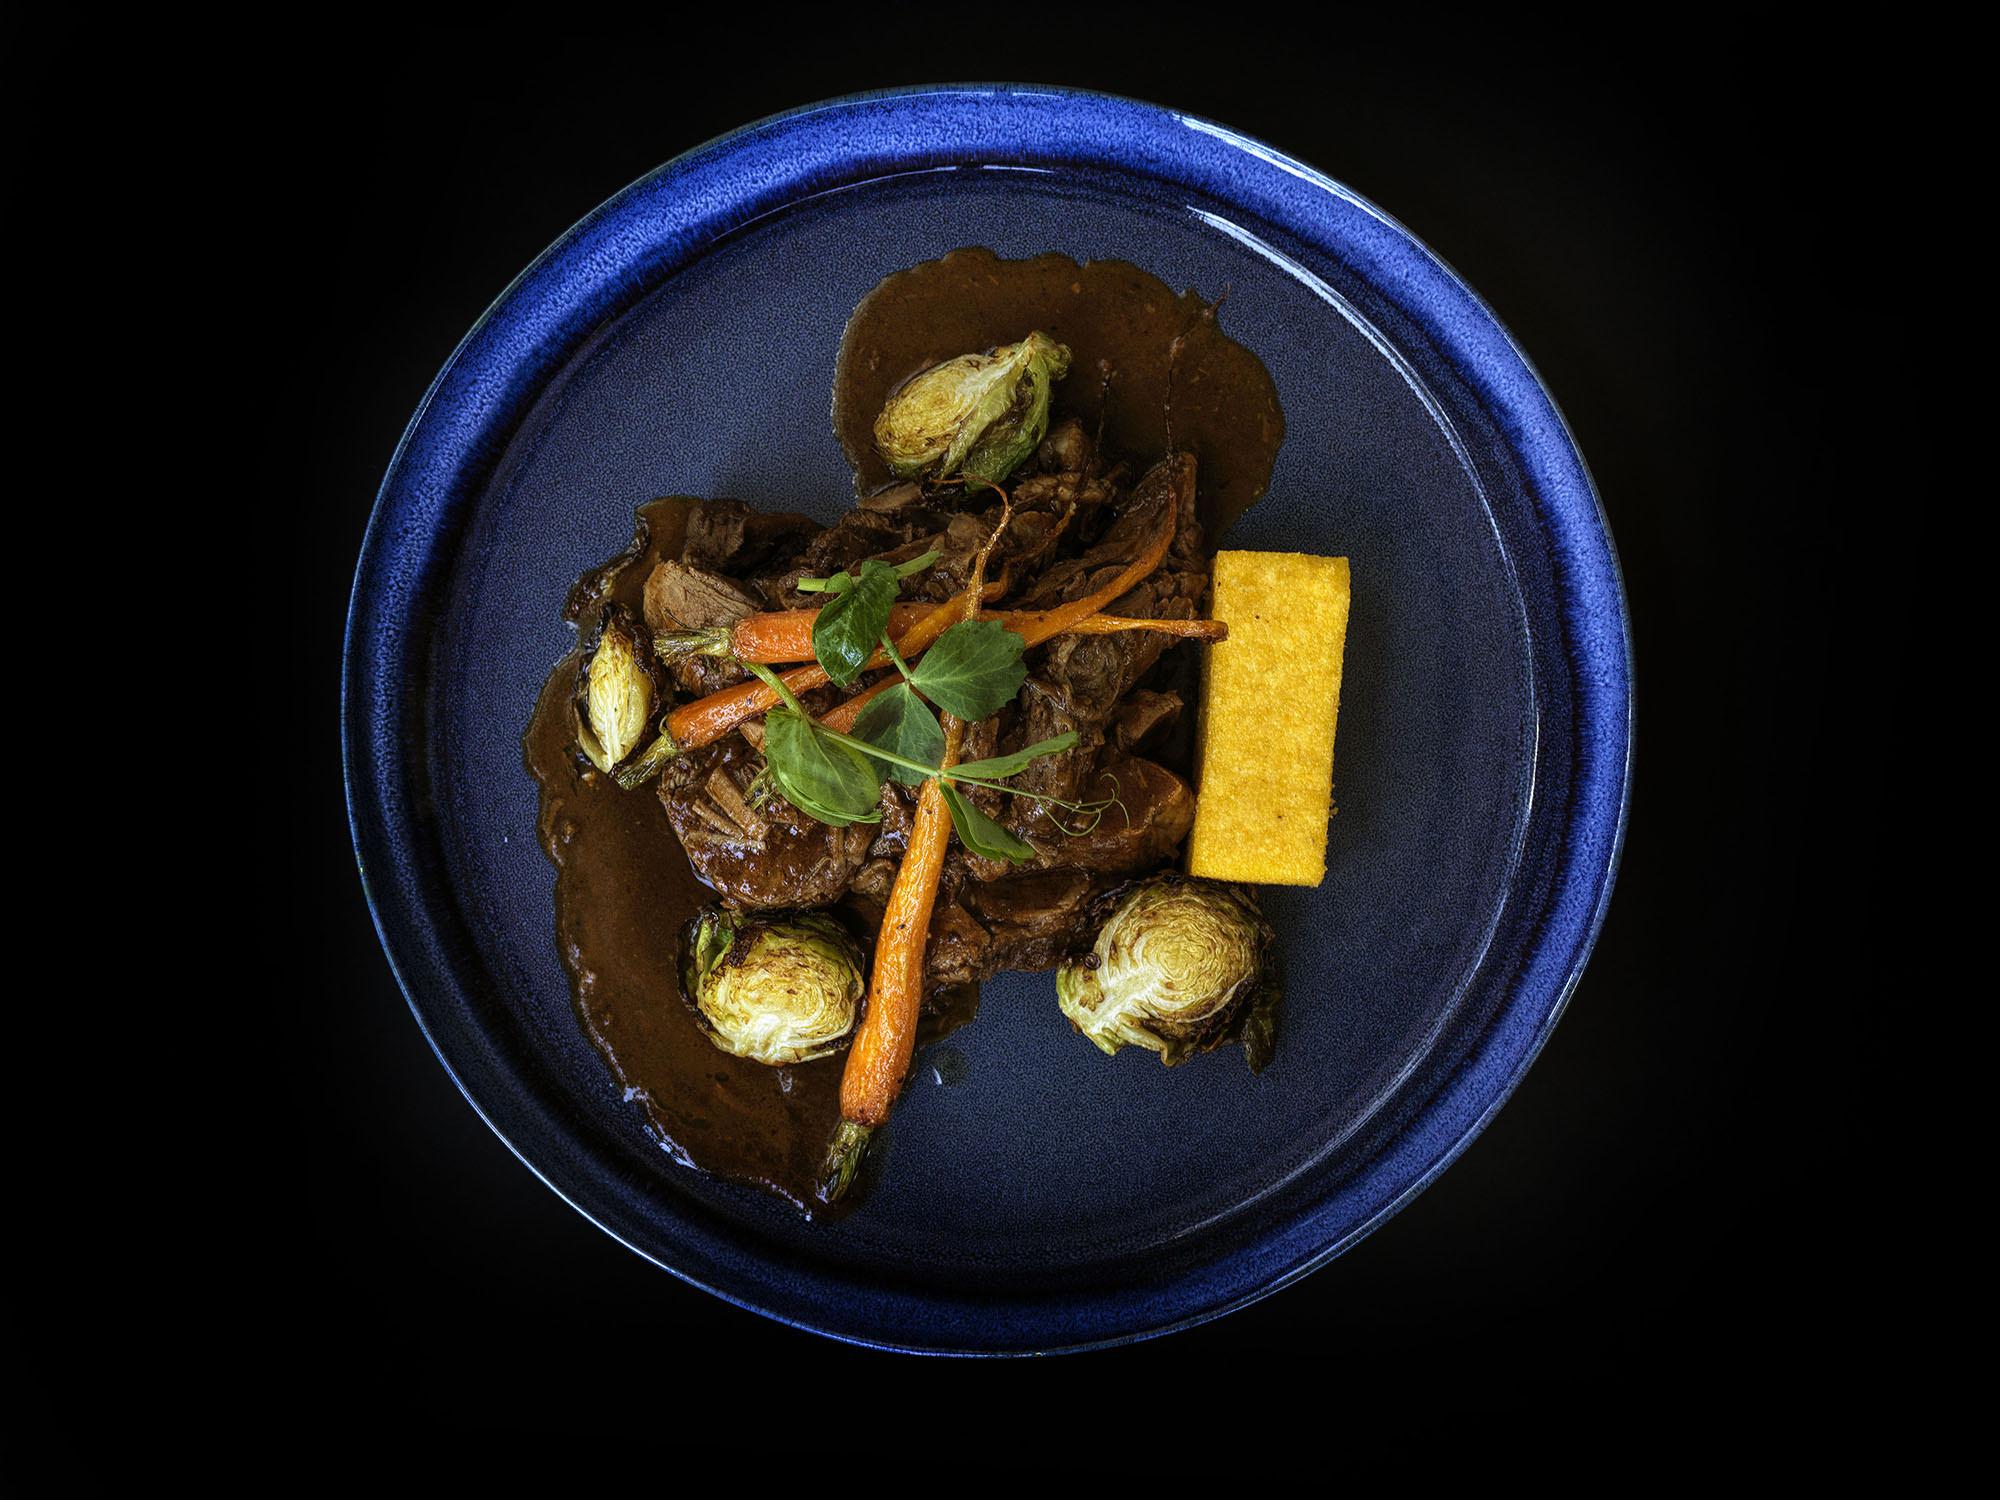 Braised Moroccan-spiced lamb shoulder, crispy polenta, fried brussels and honey glazed carrots.